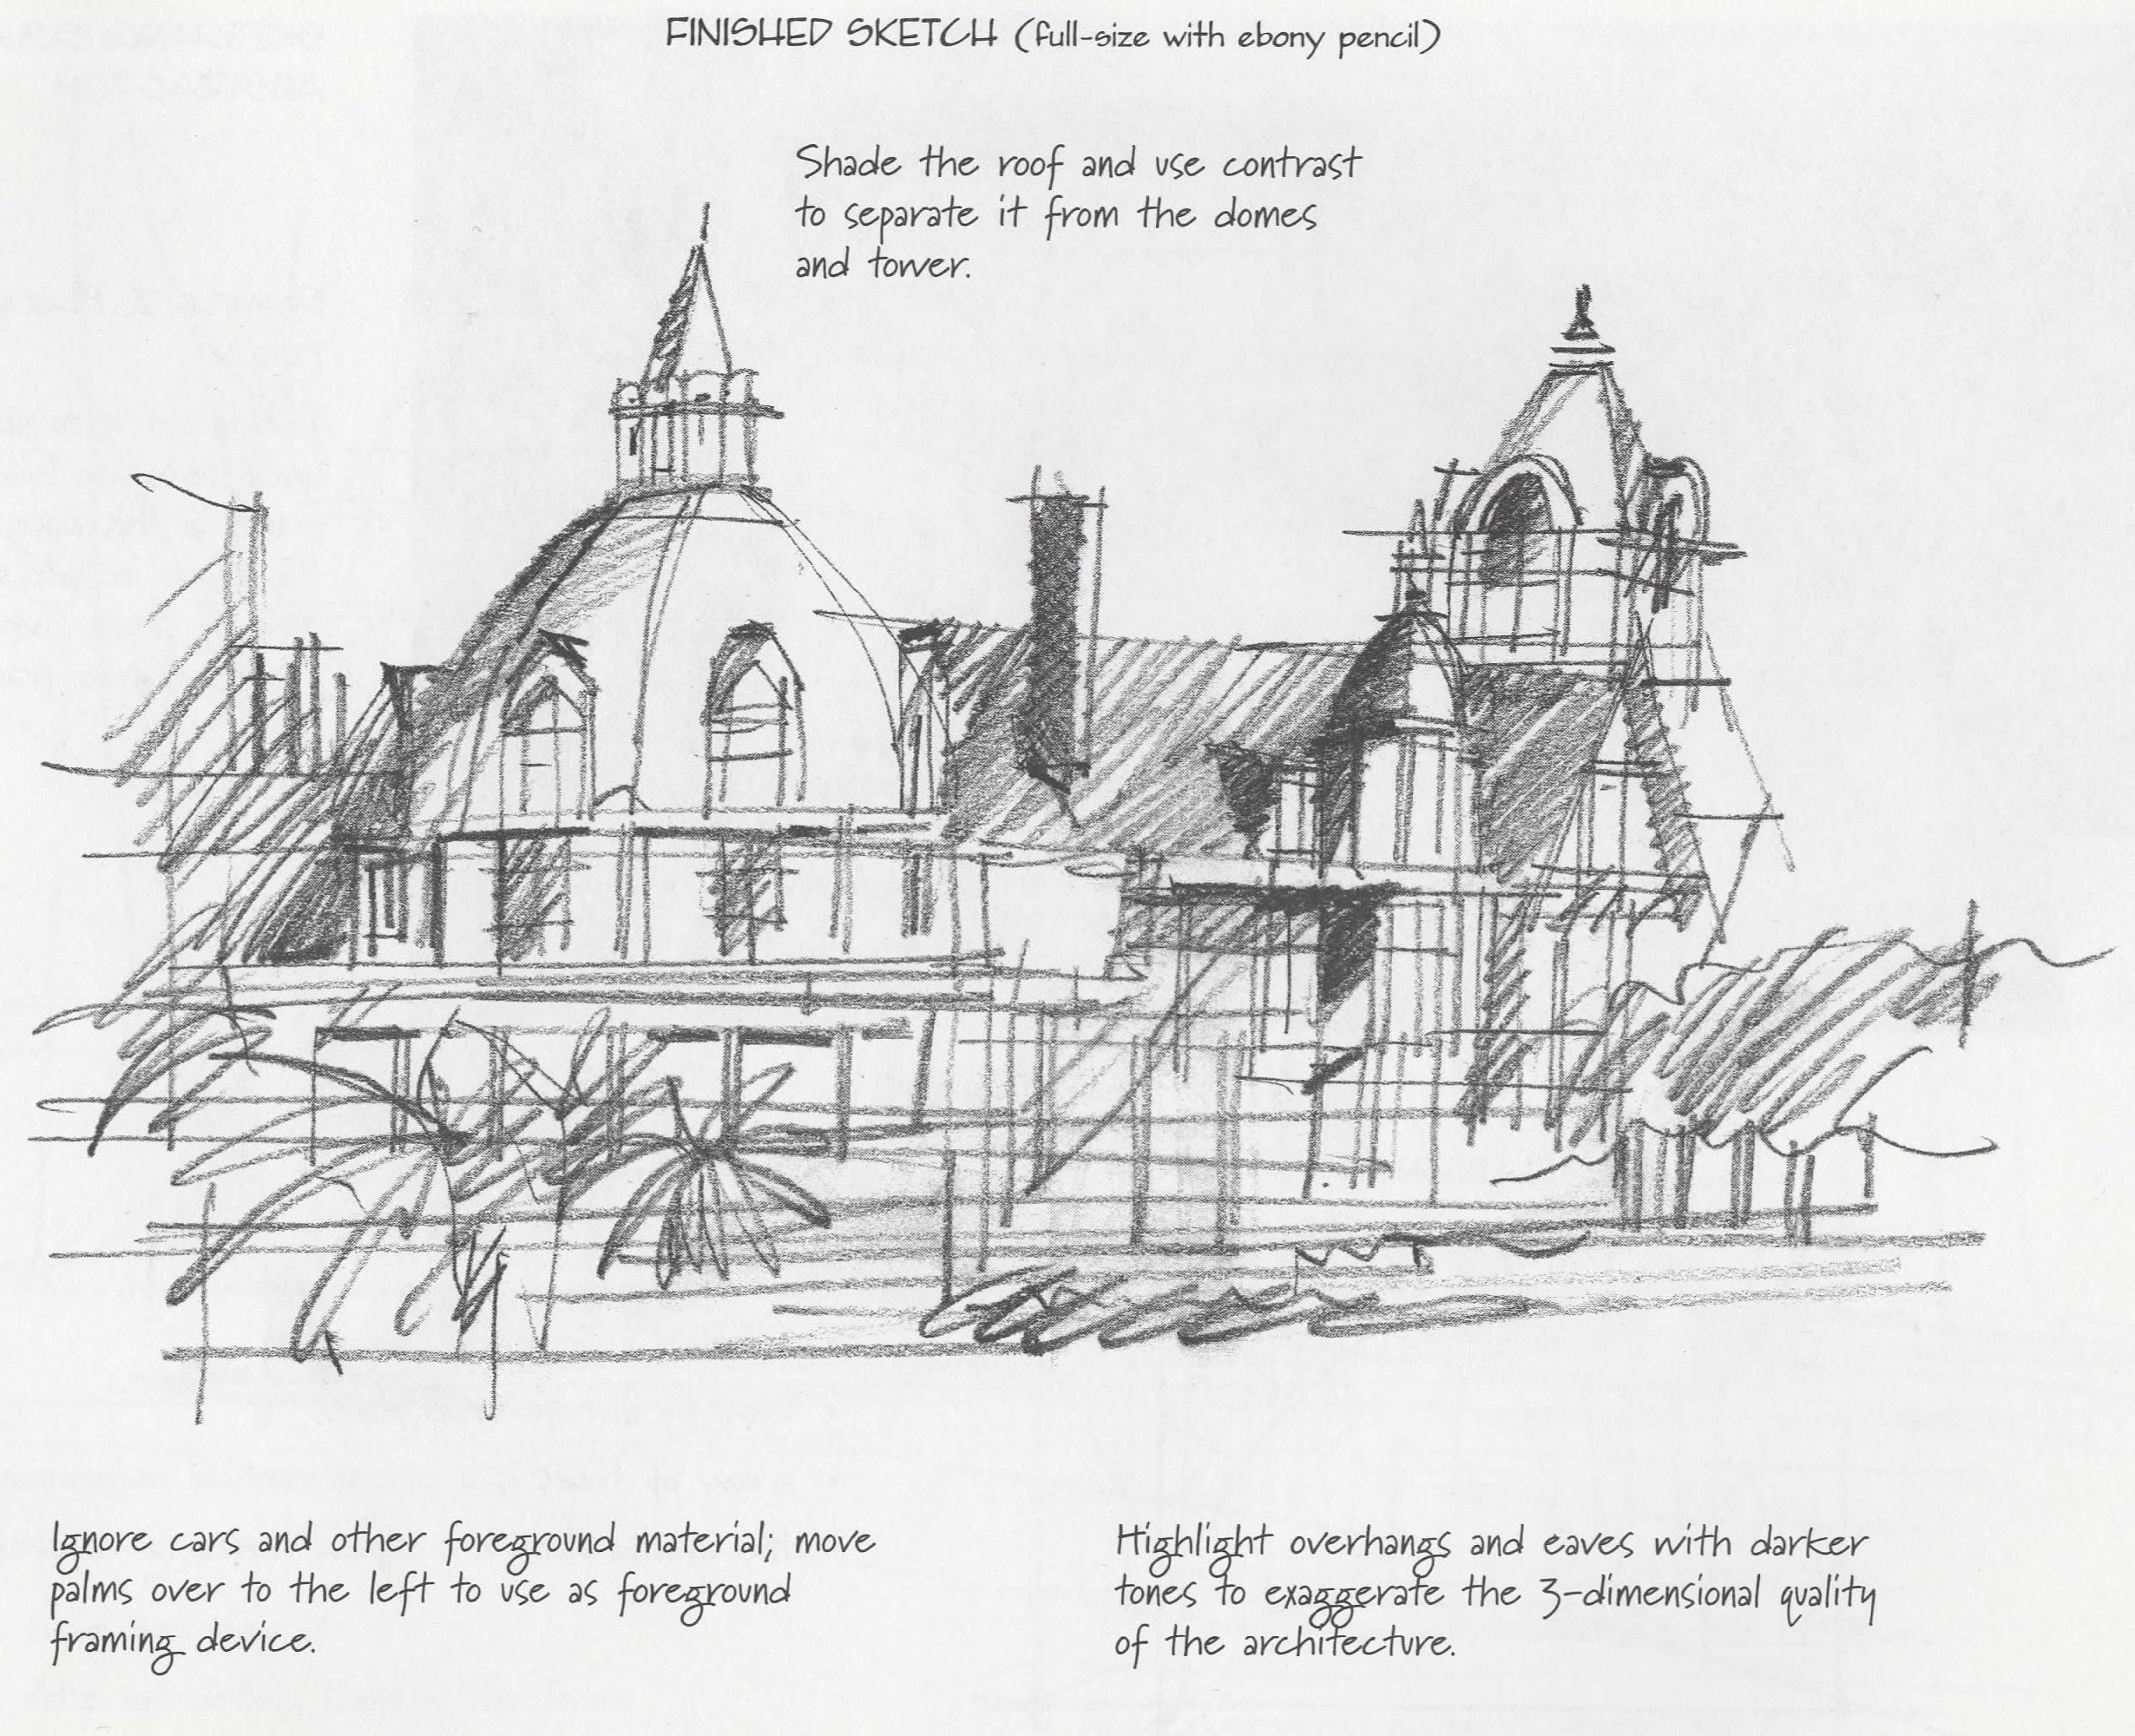 Wang, Thomas C.. Pencil Sketching, 2nd ed . New York: Wiley, 2002.73. Print.